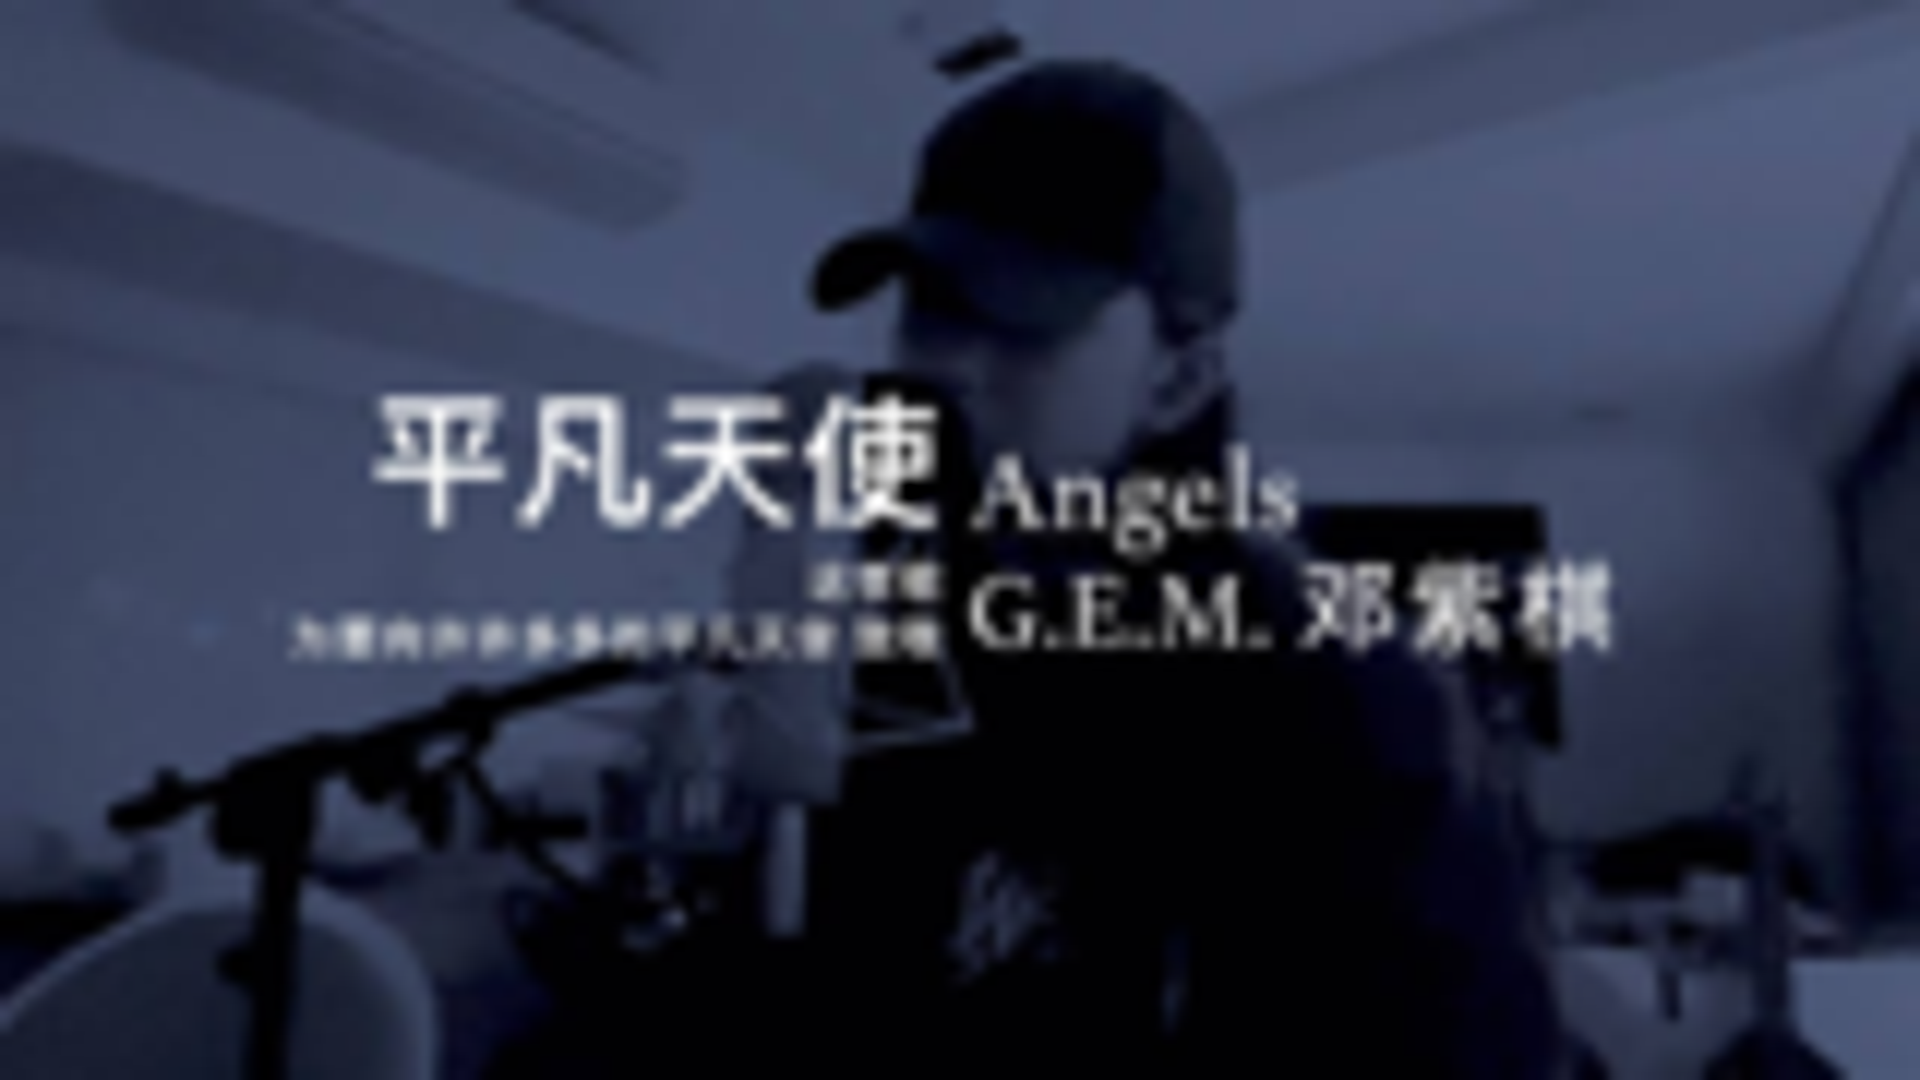 邓紫棋新歌《平凡天使》上线,致敬防疫工作中的平凡人